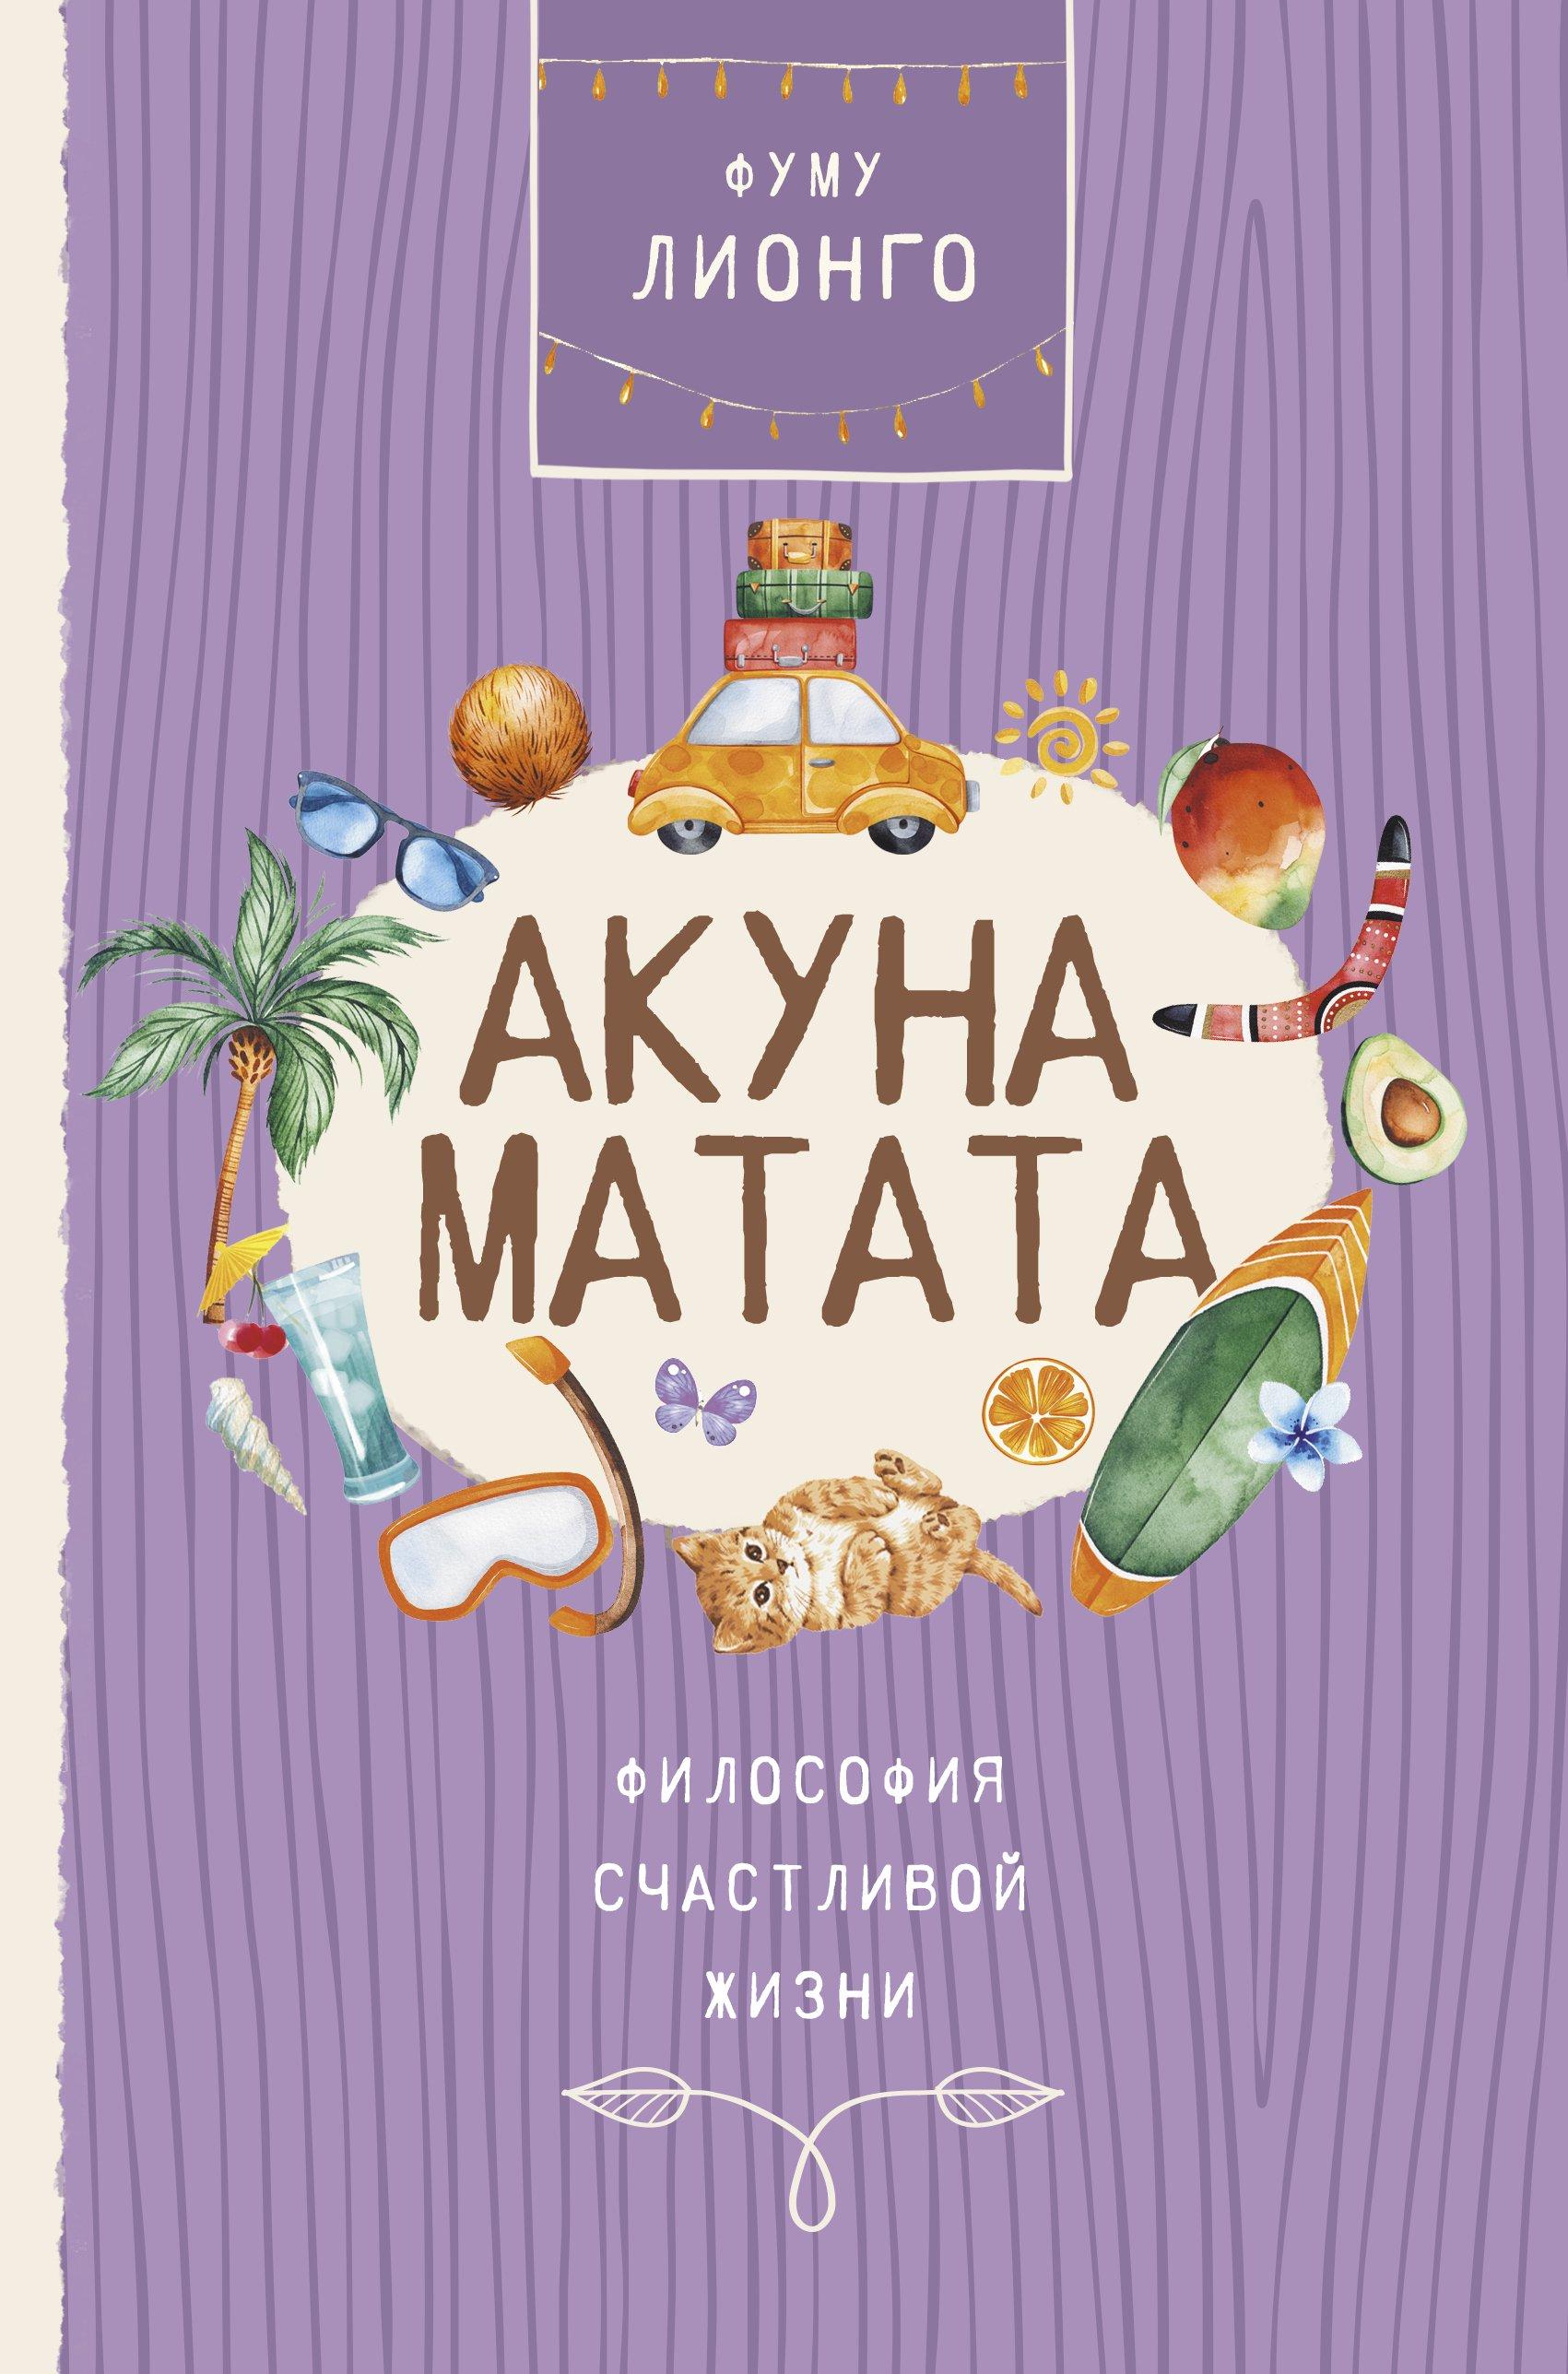 Купить книгу Акуна Матата. Философия счастливой жизни, автора